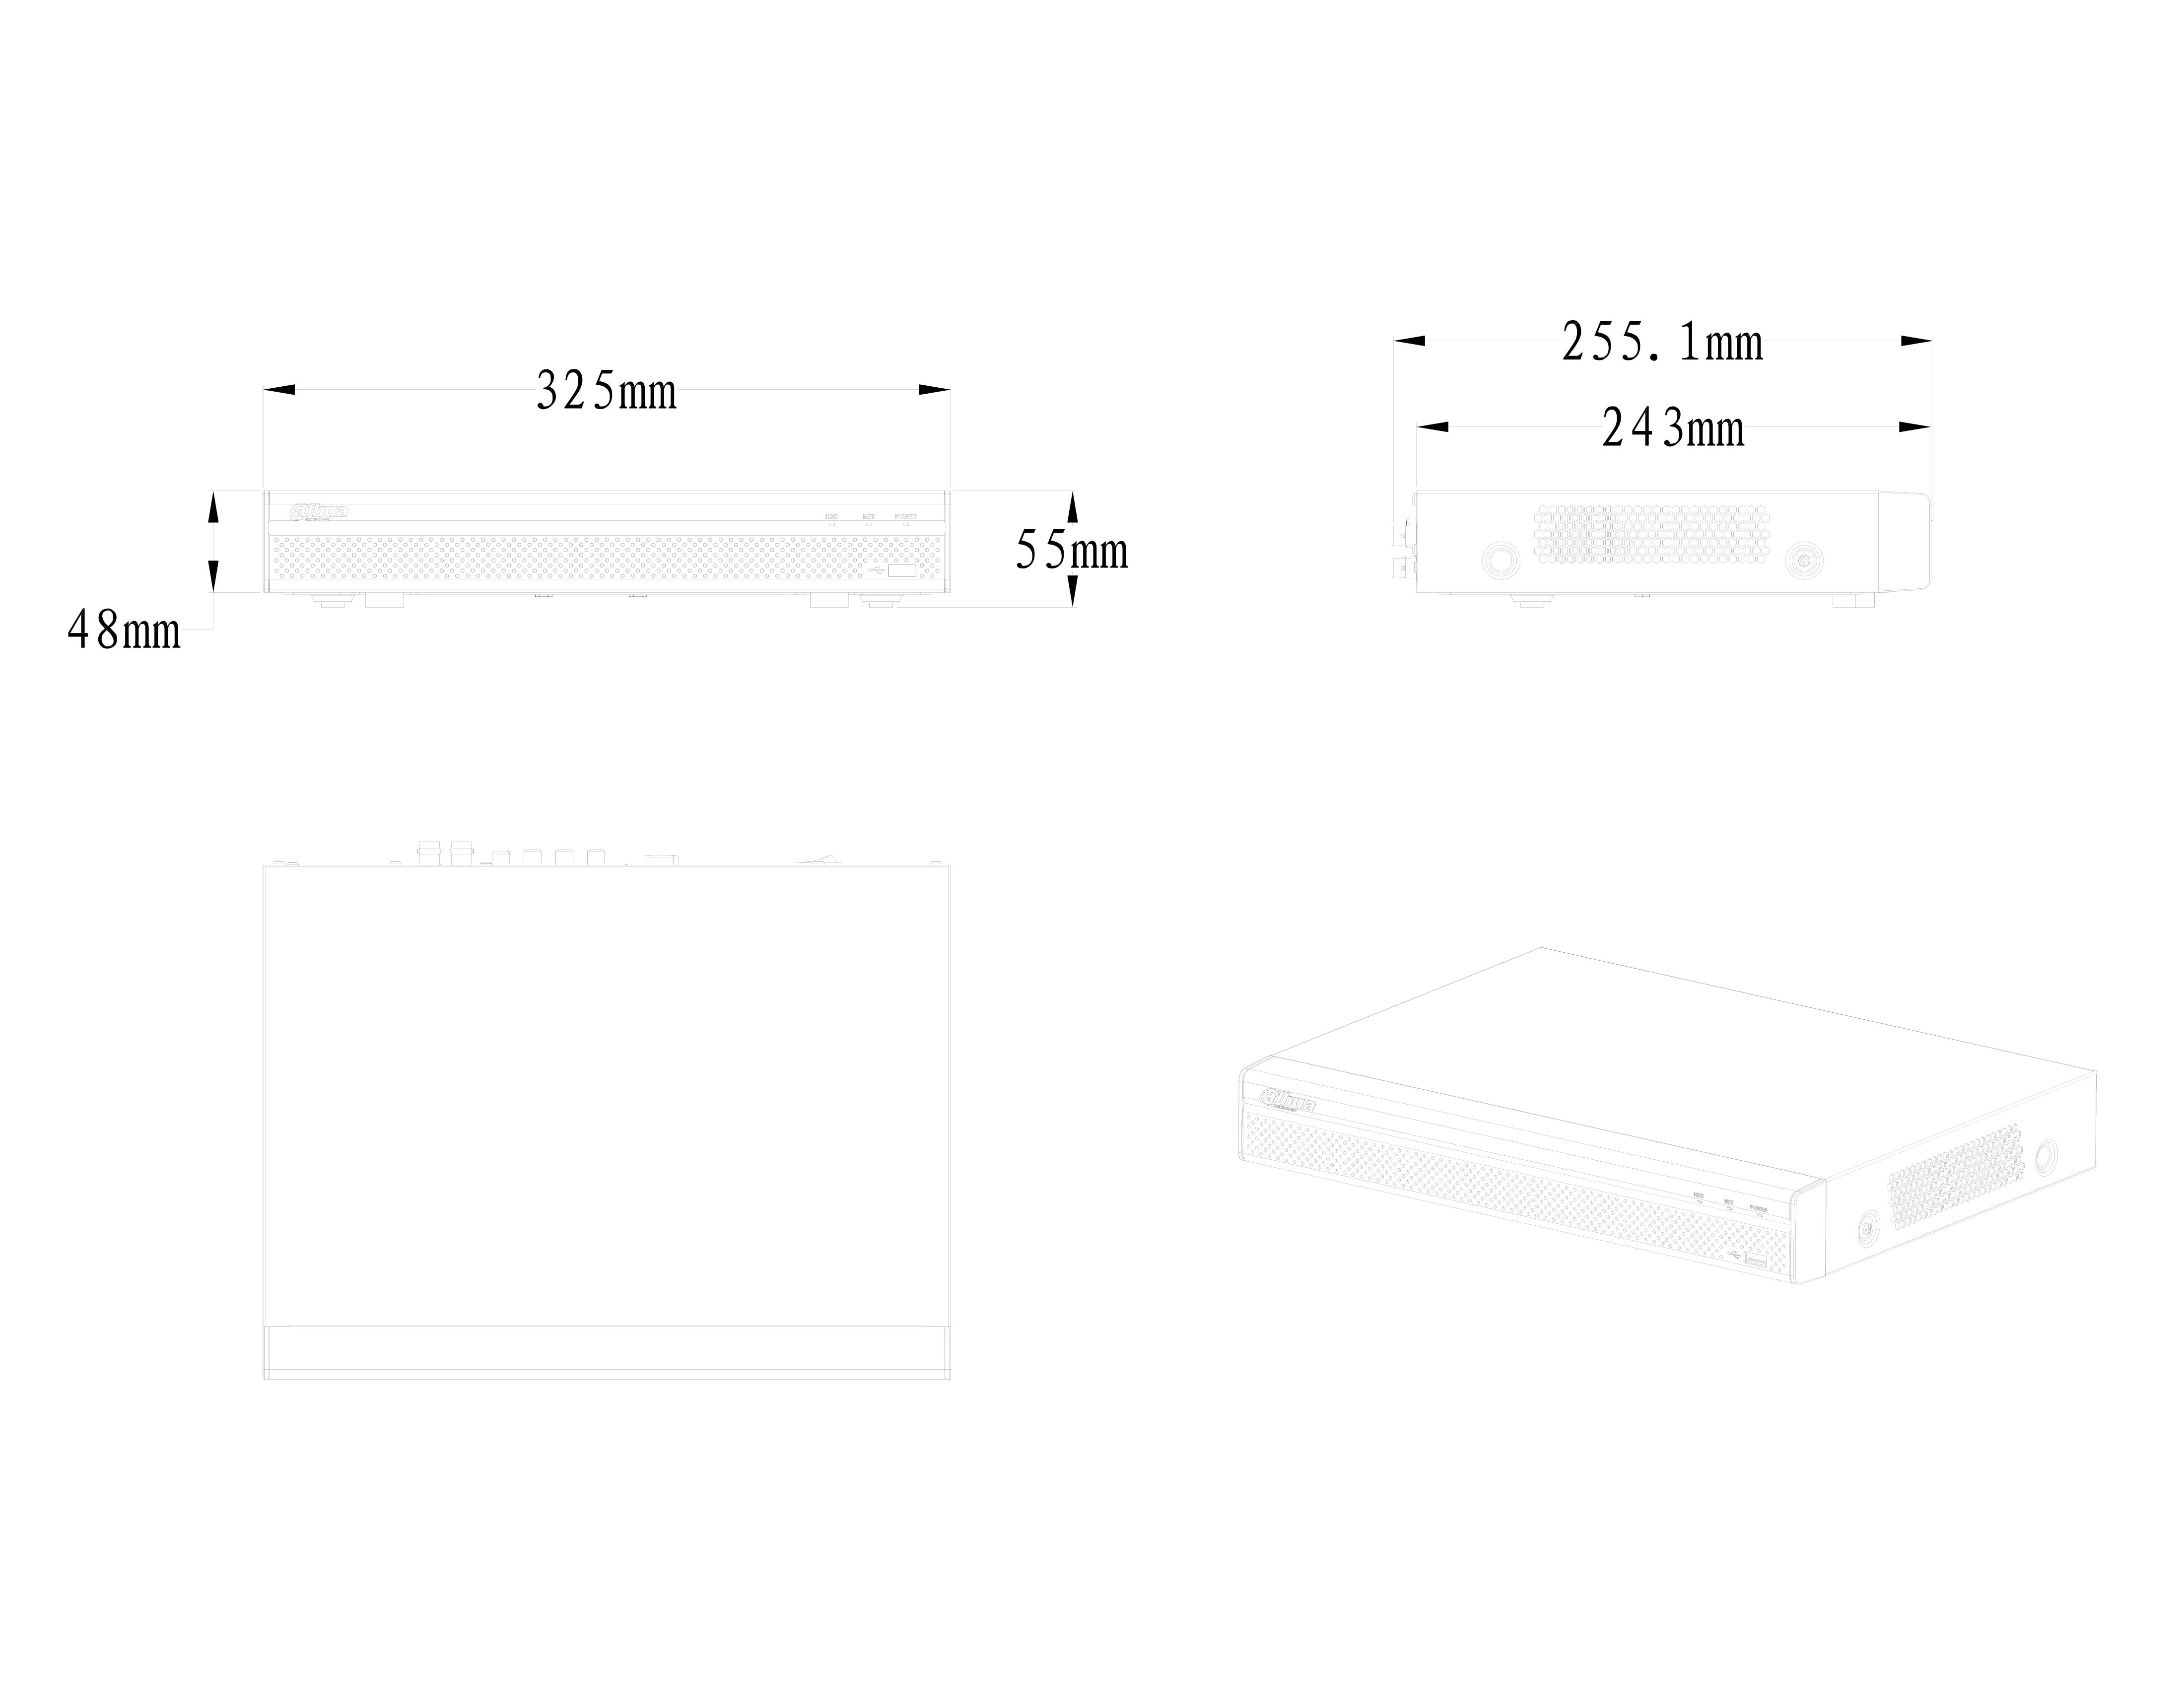 XVR5104H-I_Dimension_20190520-1